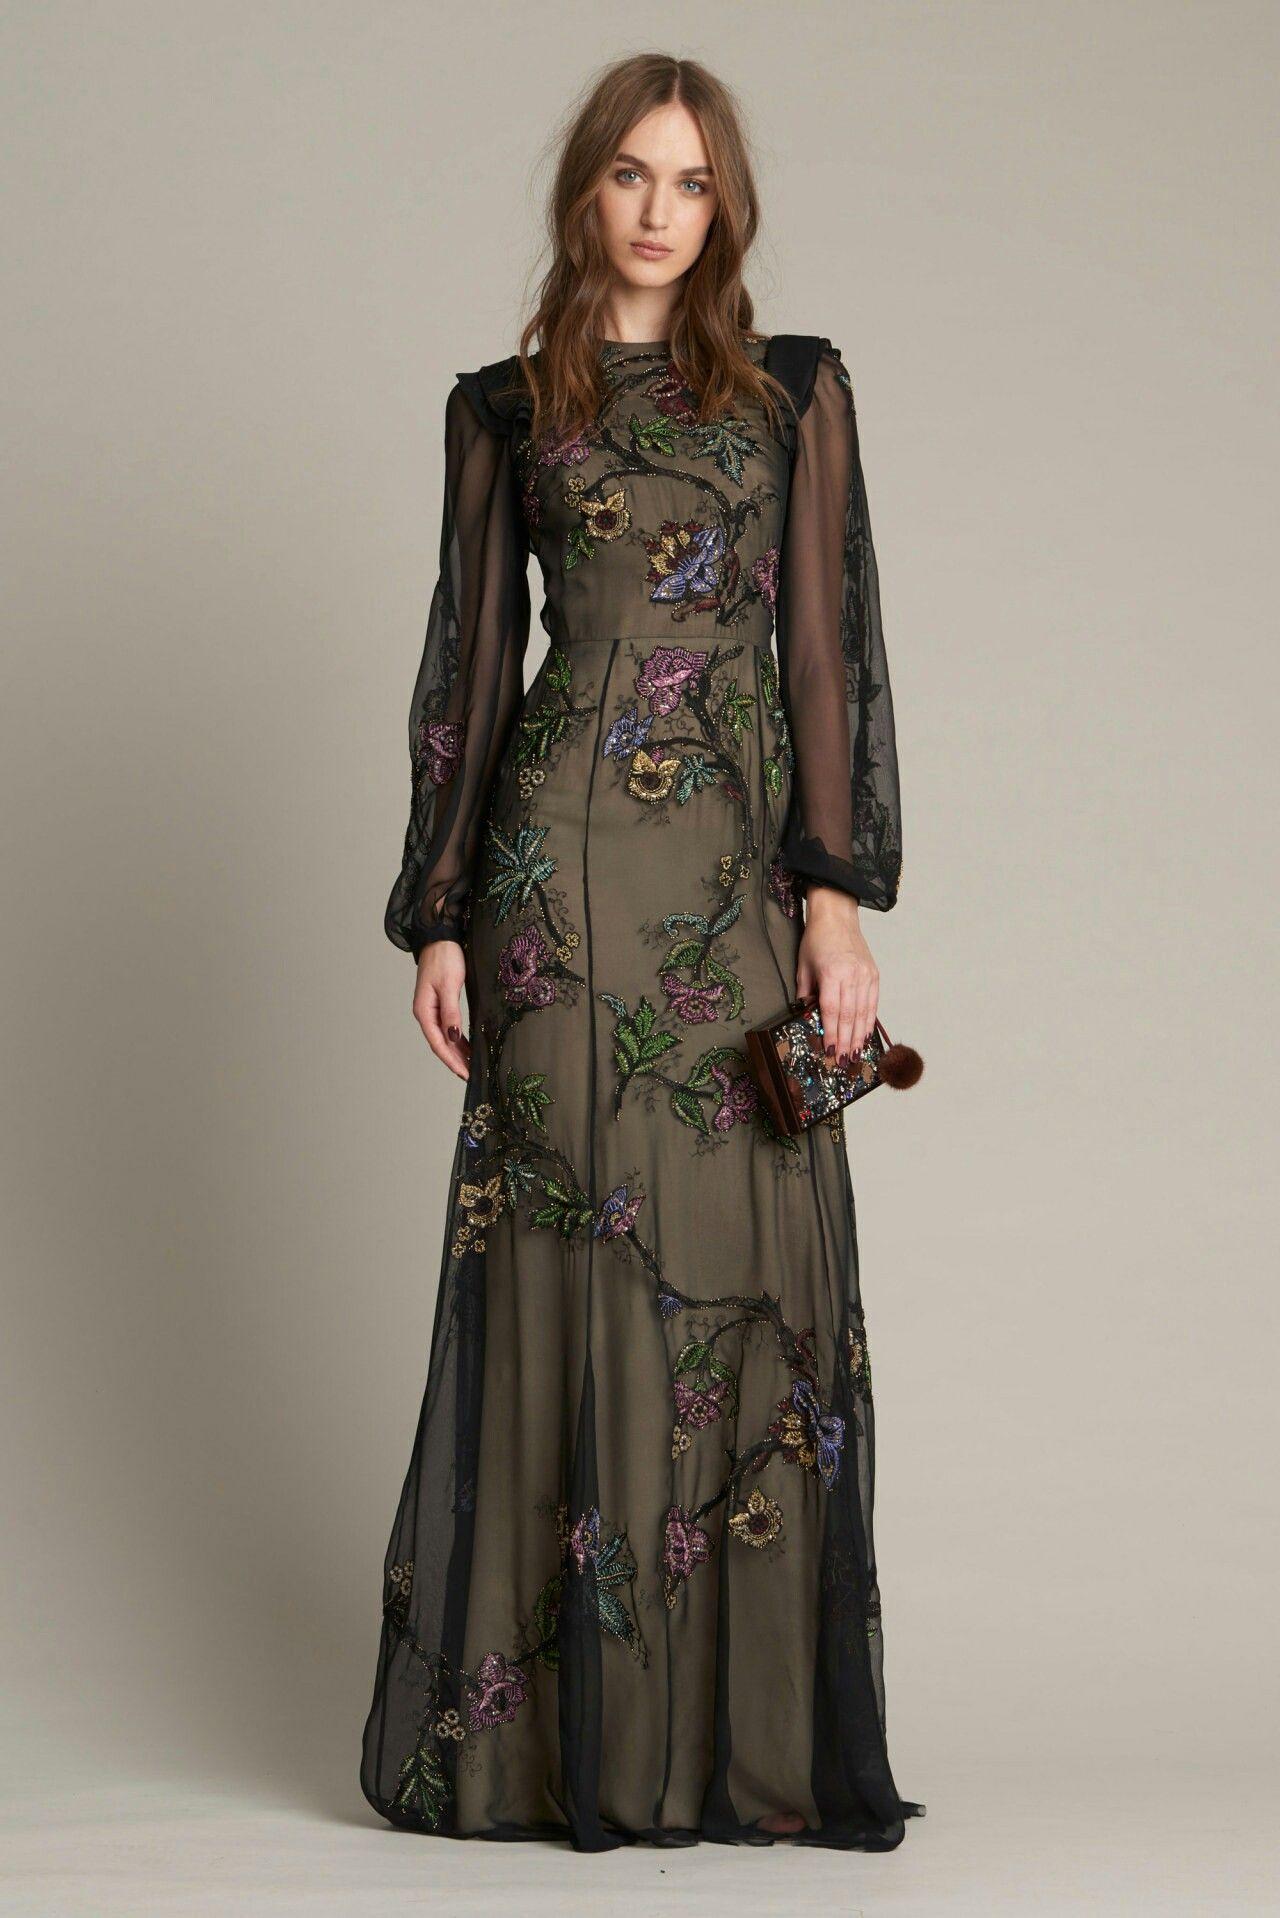 Lace dress zalora may 2019 Pin by Alisha Mansuri on Styles  Pinterest  Monique lhuillier